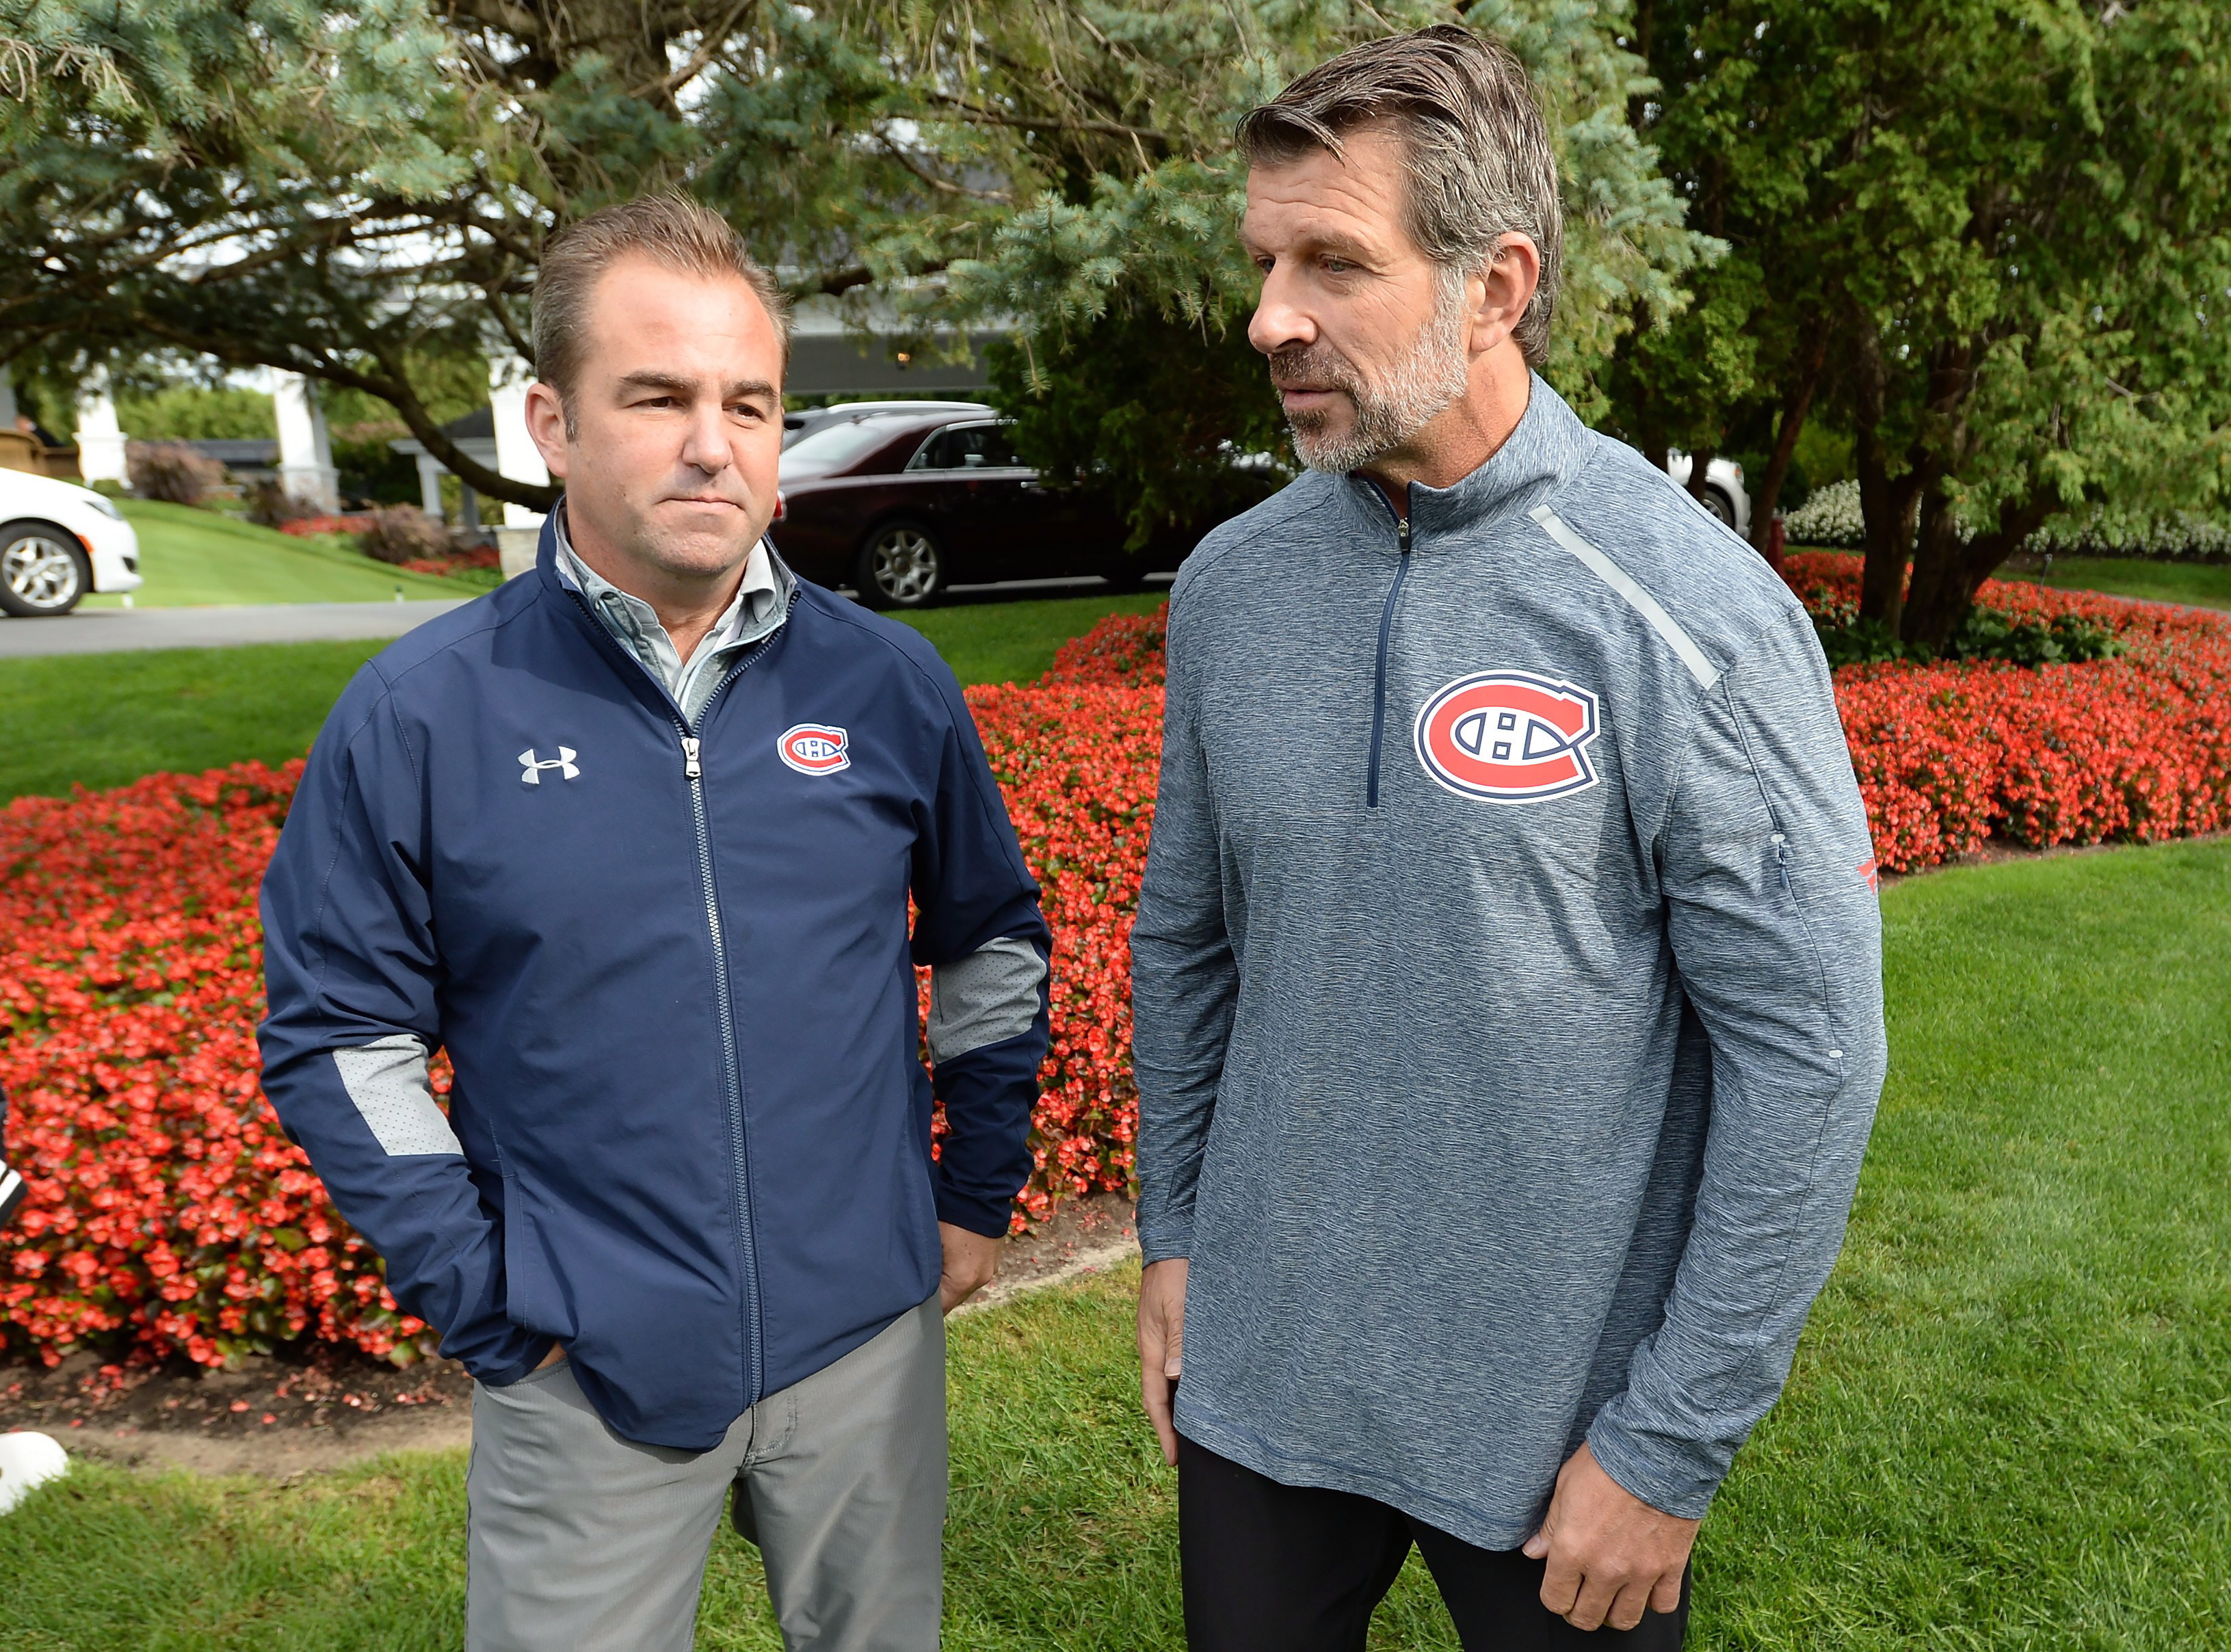 Geoff Molson et Marc Bergevin doivent maintenant décider s'ils nommeront un nouveau capitaine cette